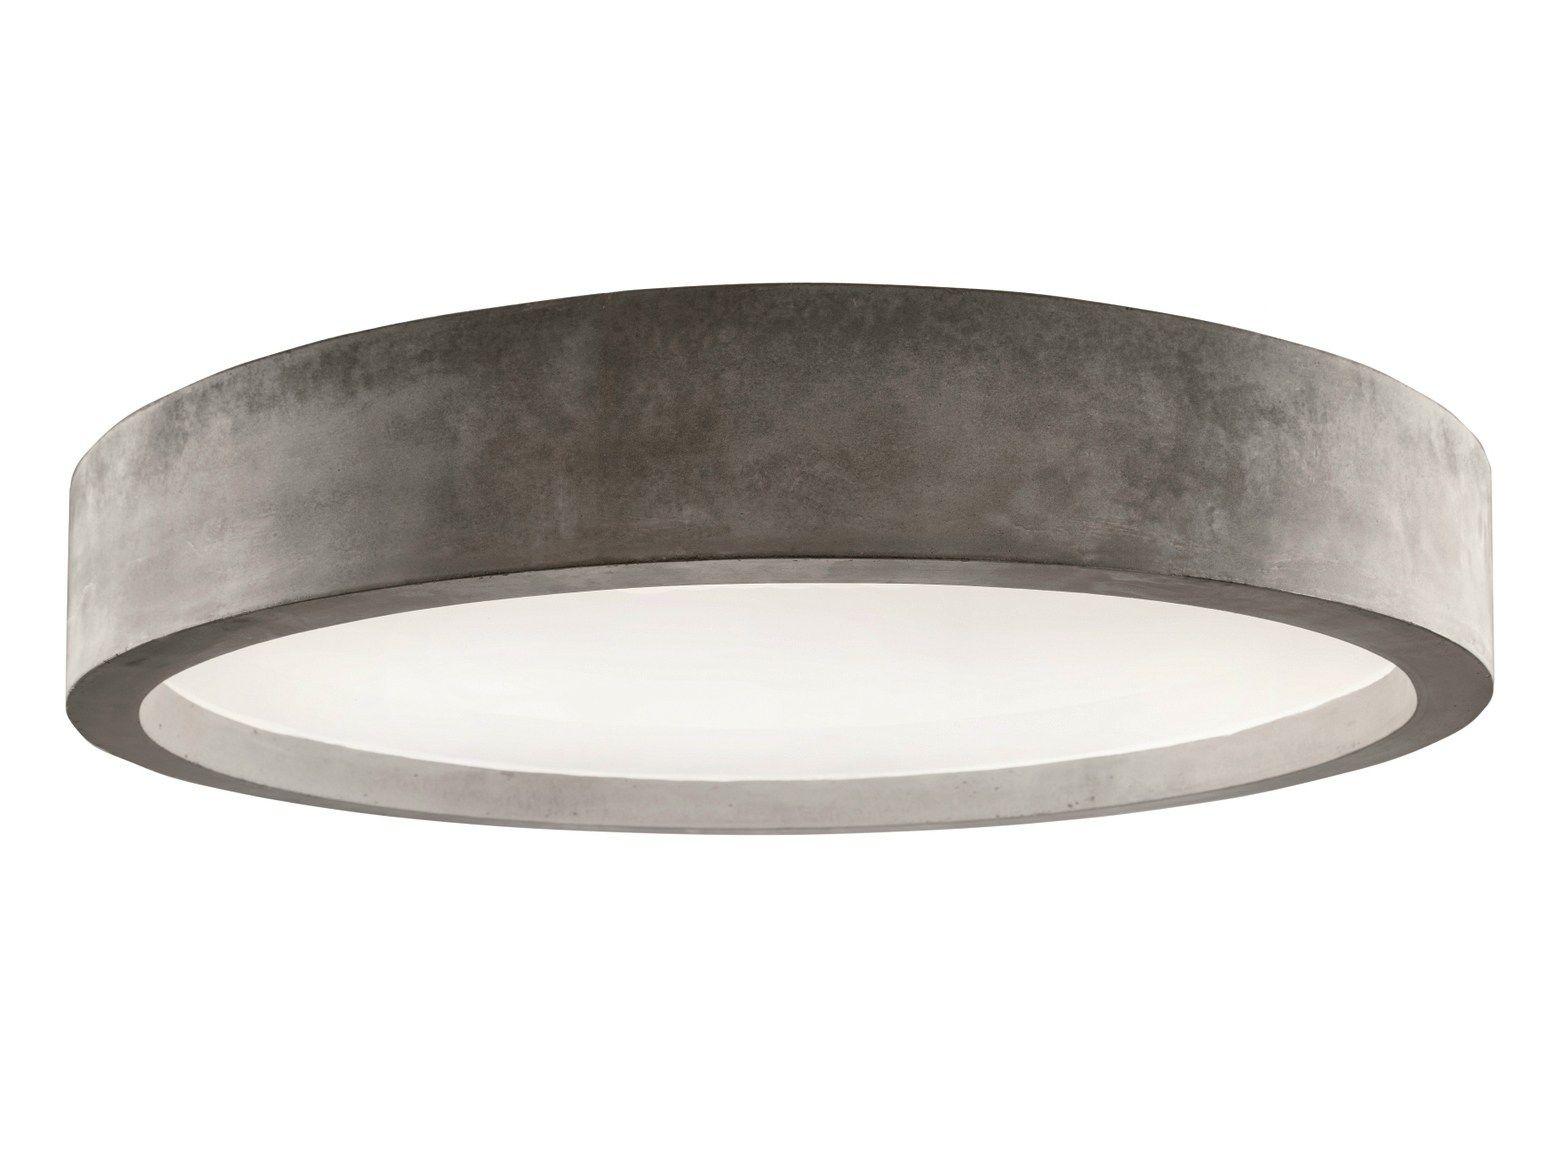 Led Lampen Direct : Direct light cement ceiling light zero ceiling light